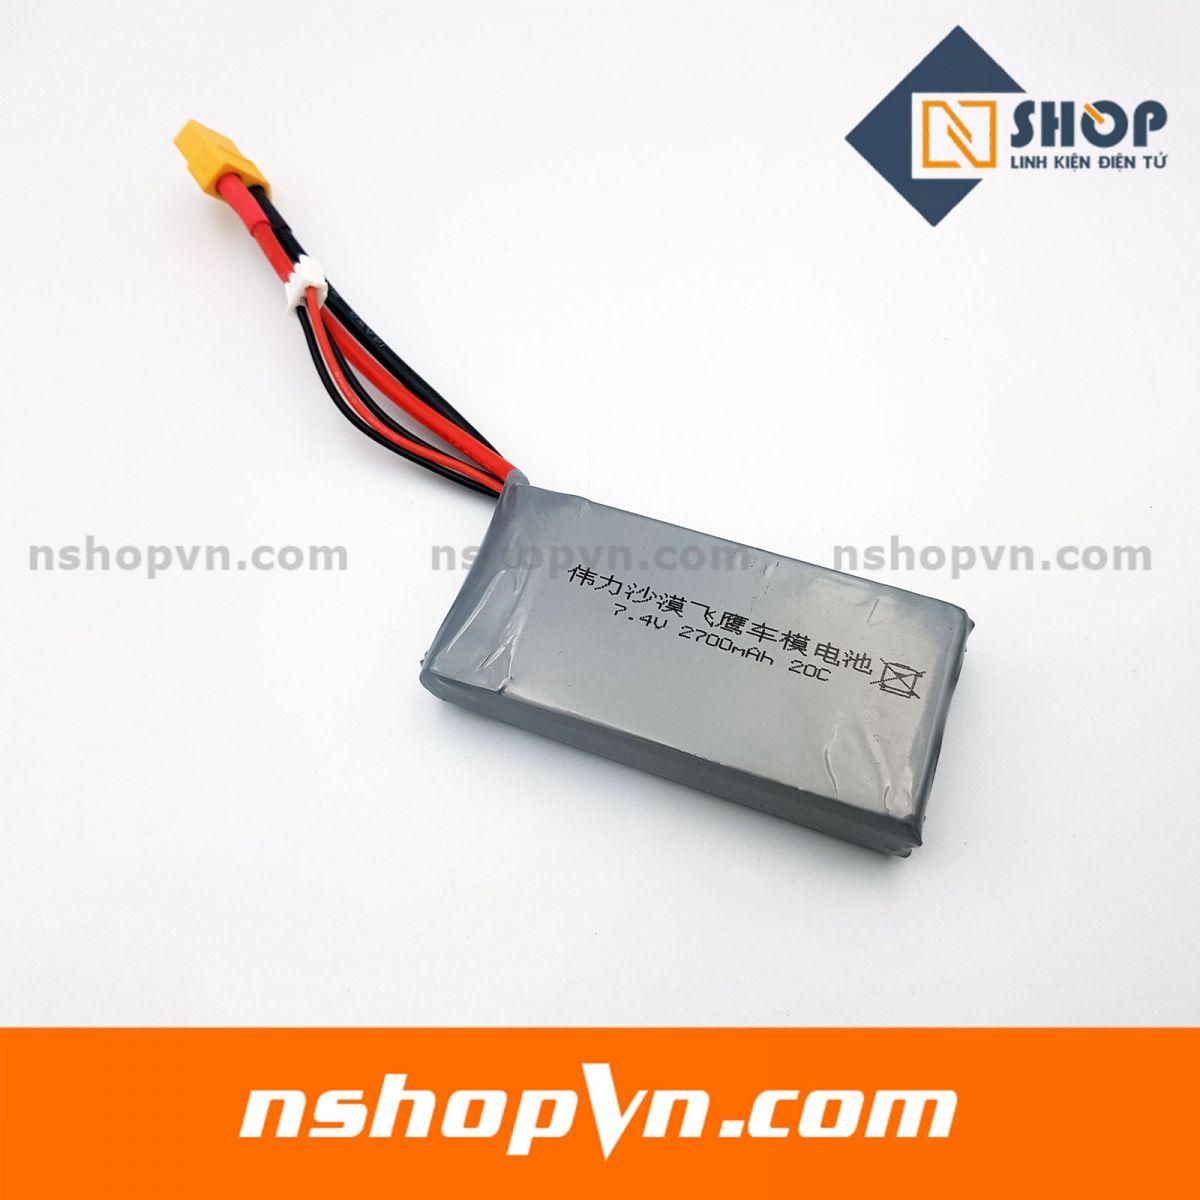 Pin Lipo 2s 7.4V 2700mAh 20C